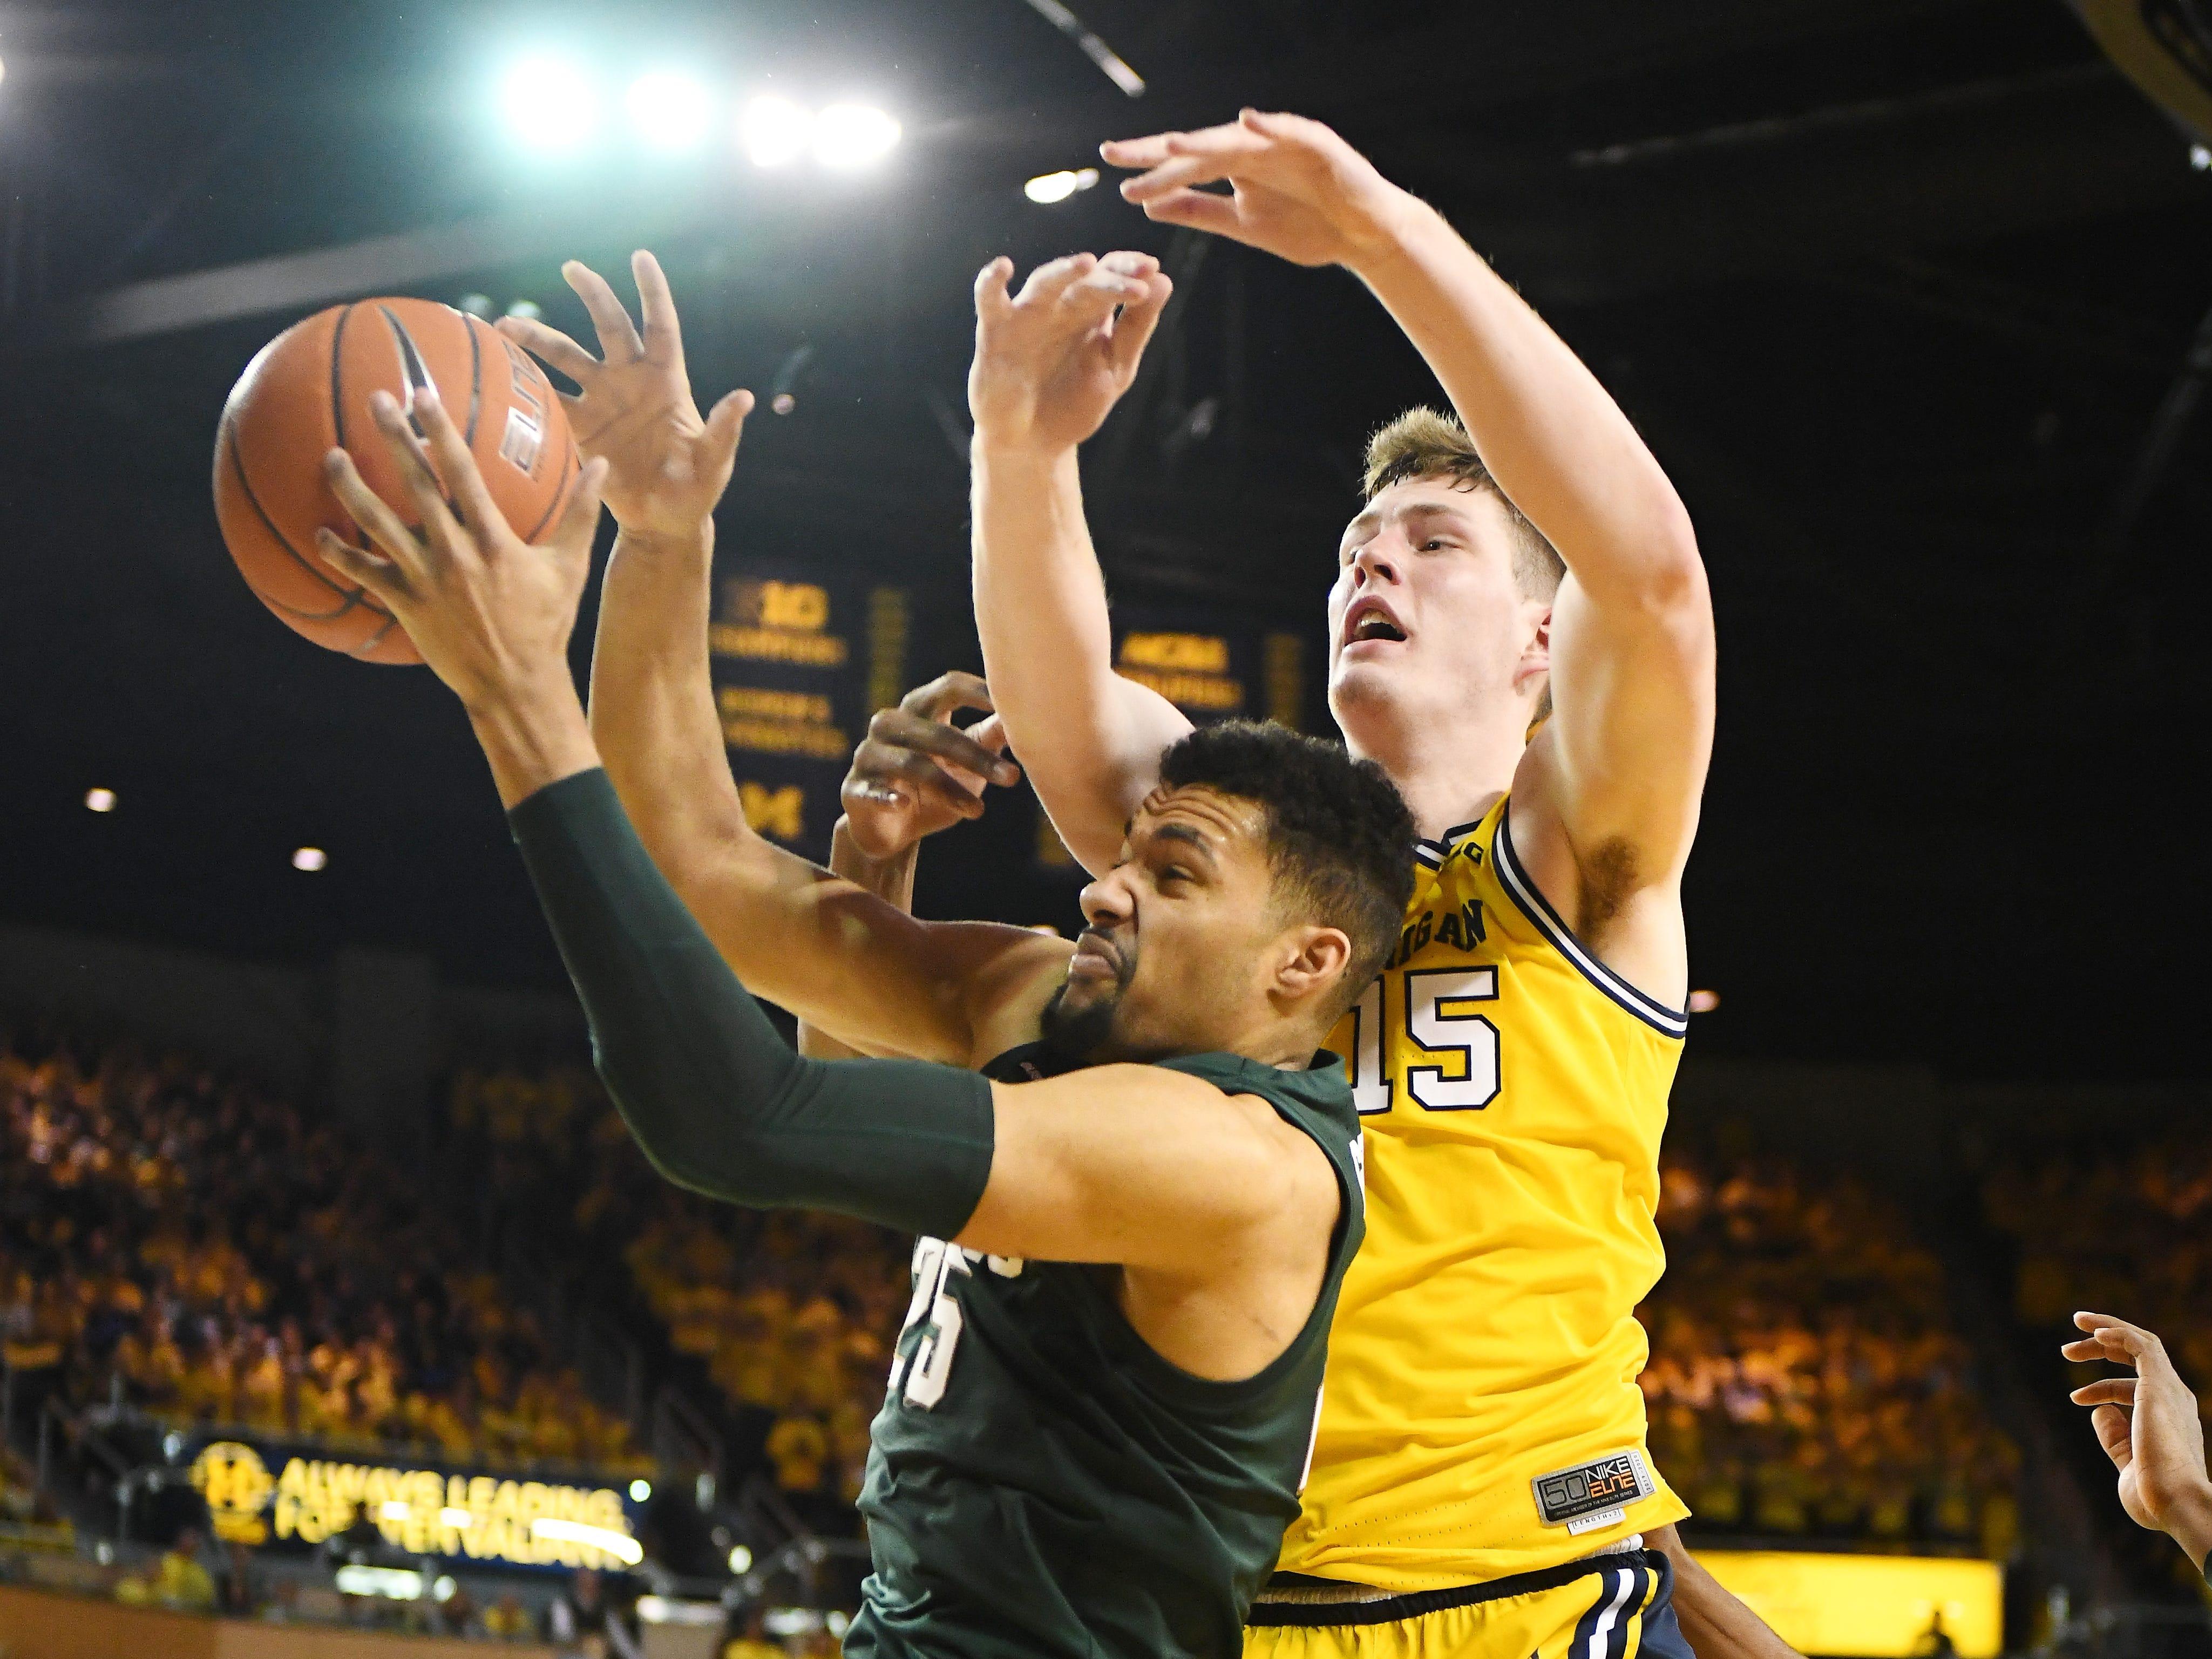 Michigan State's Kenny Goins pulls down a rebound under Michigan's Jon Teske in the second half.